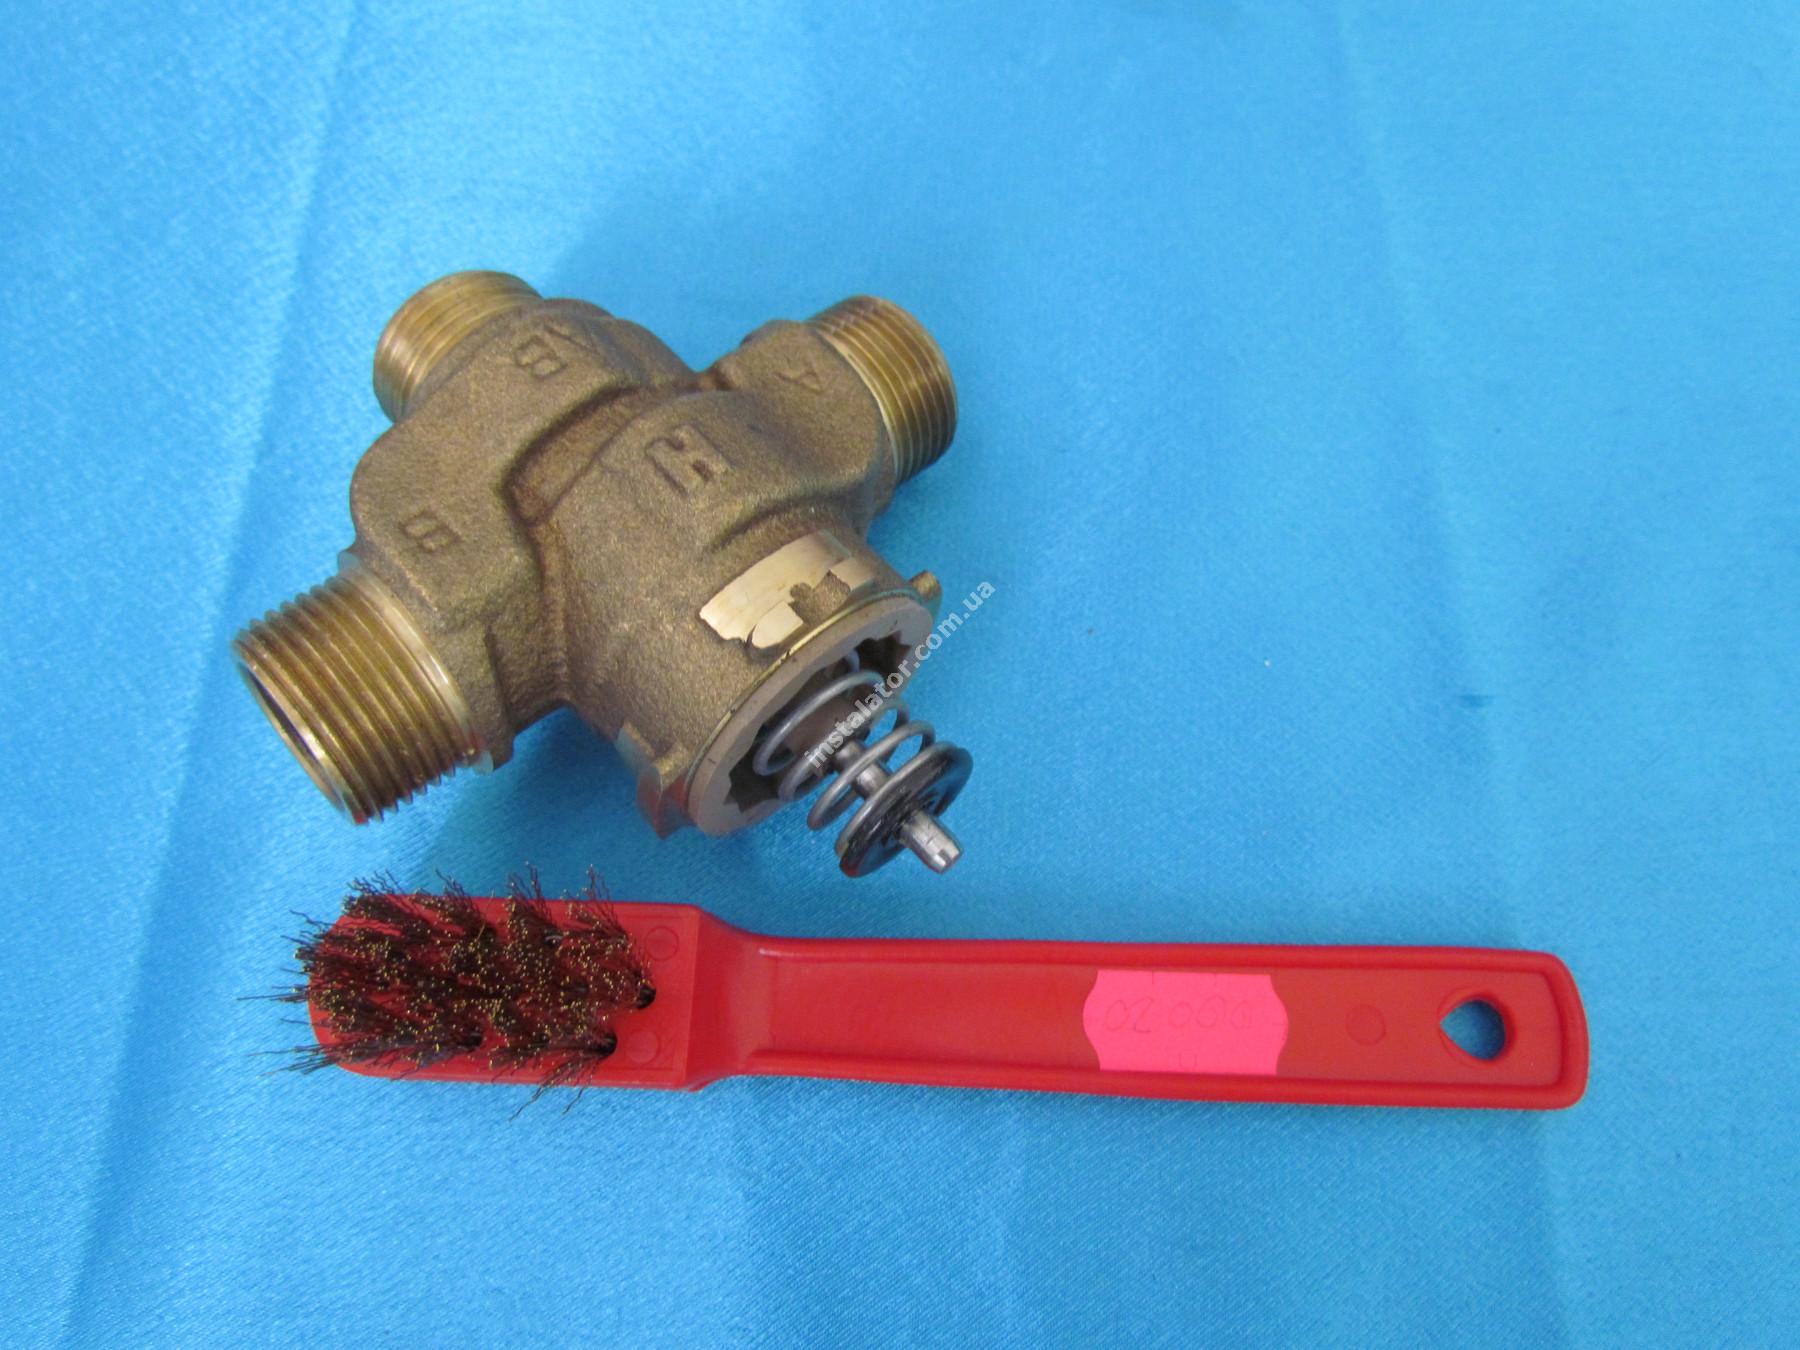 00020 Щітка для чистки 3-х ходових клапанів, пальників (метал) full-image-2